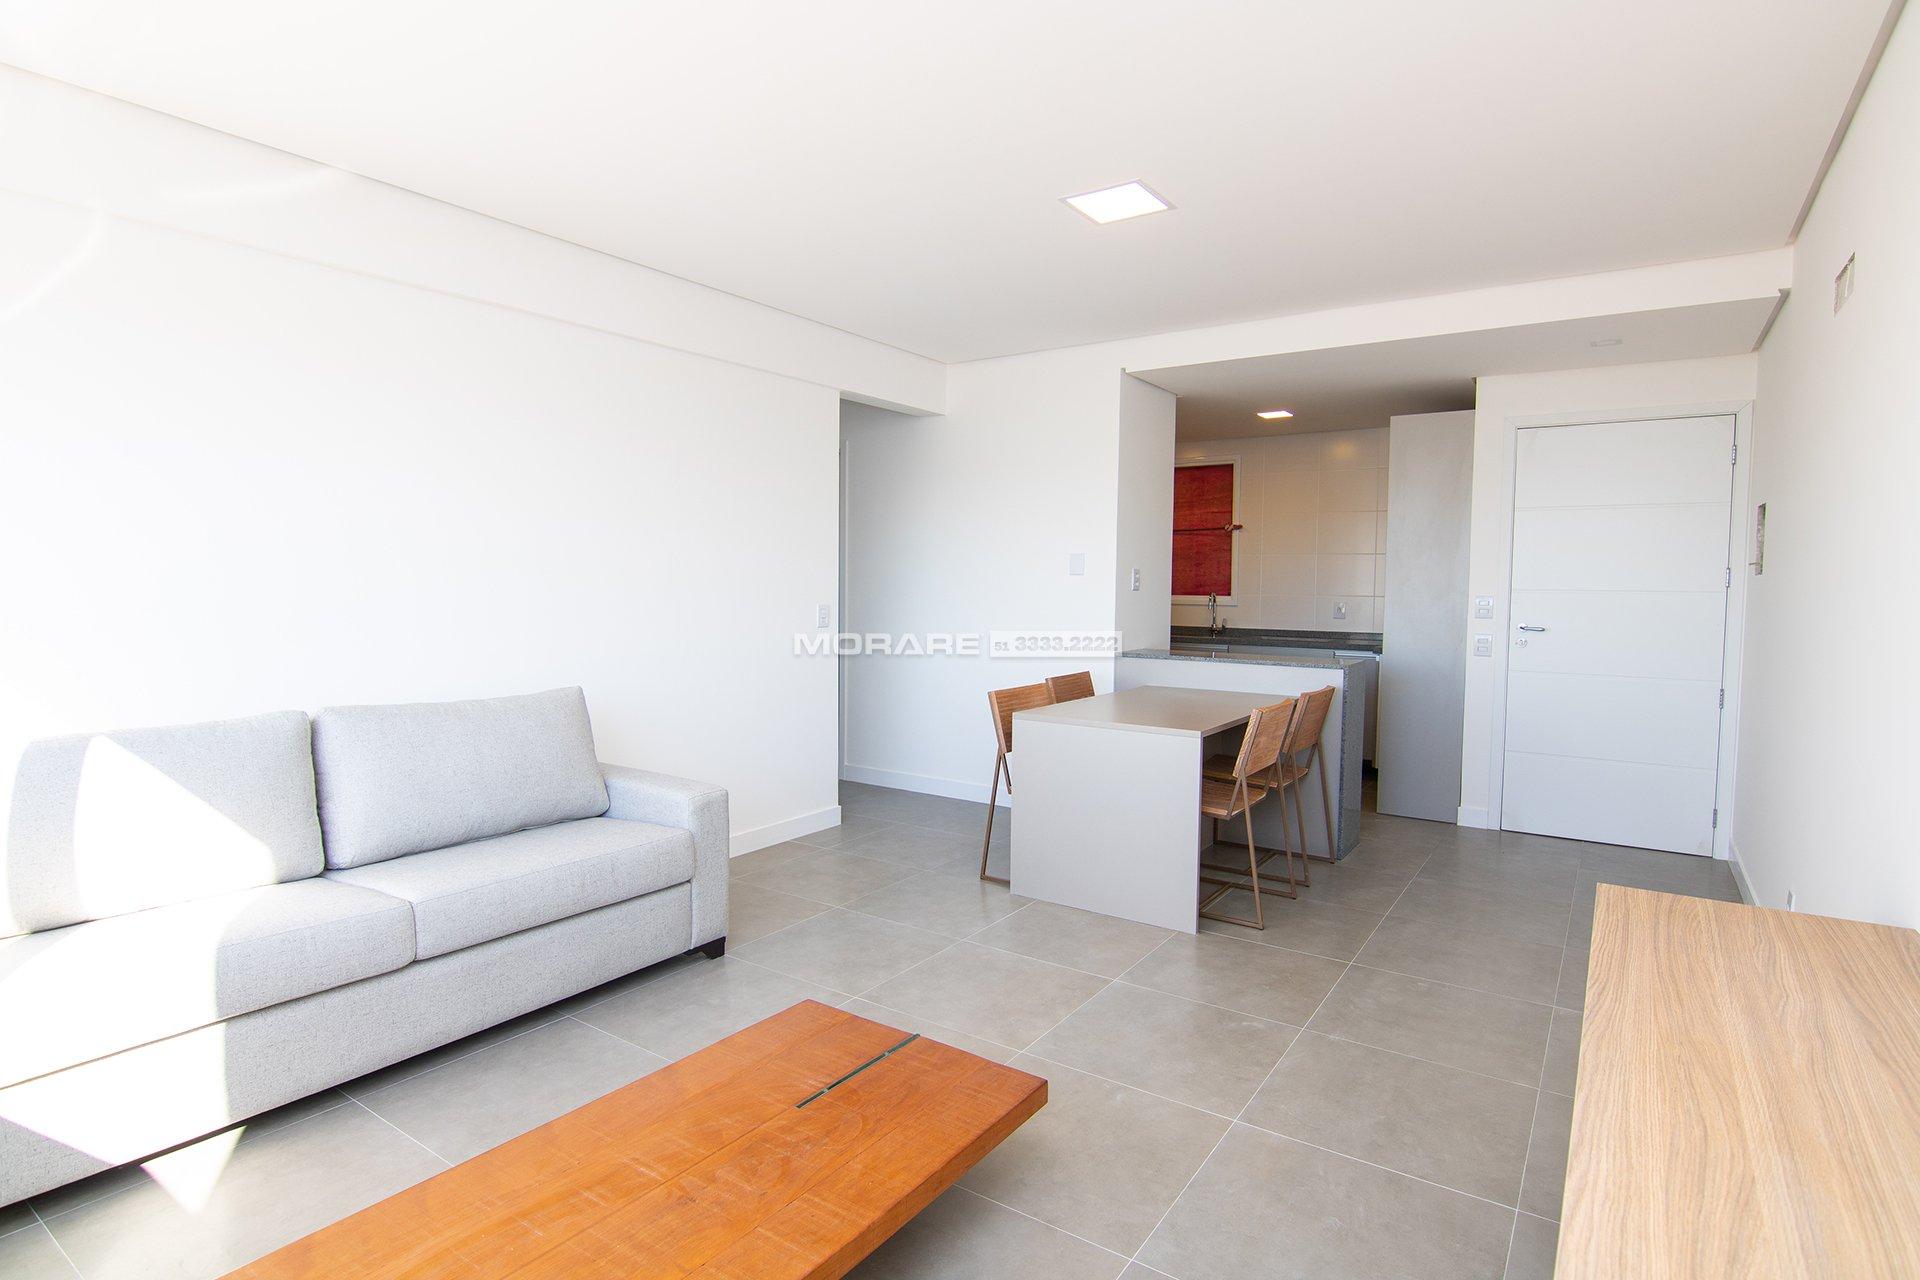 Villa Toscana Apartamento Nova Carlos Gomes, Porto Alegre (26078)